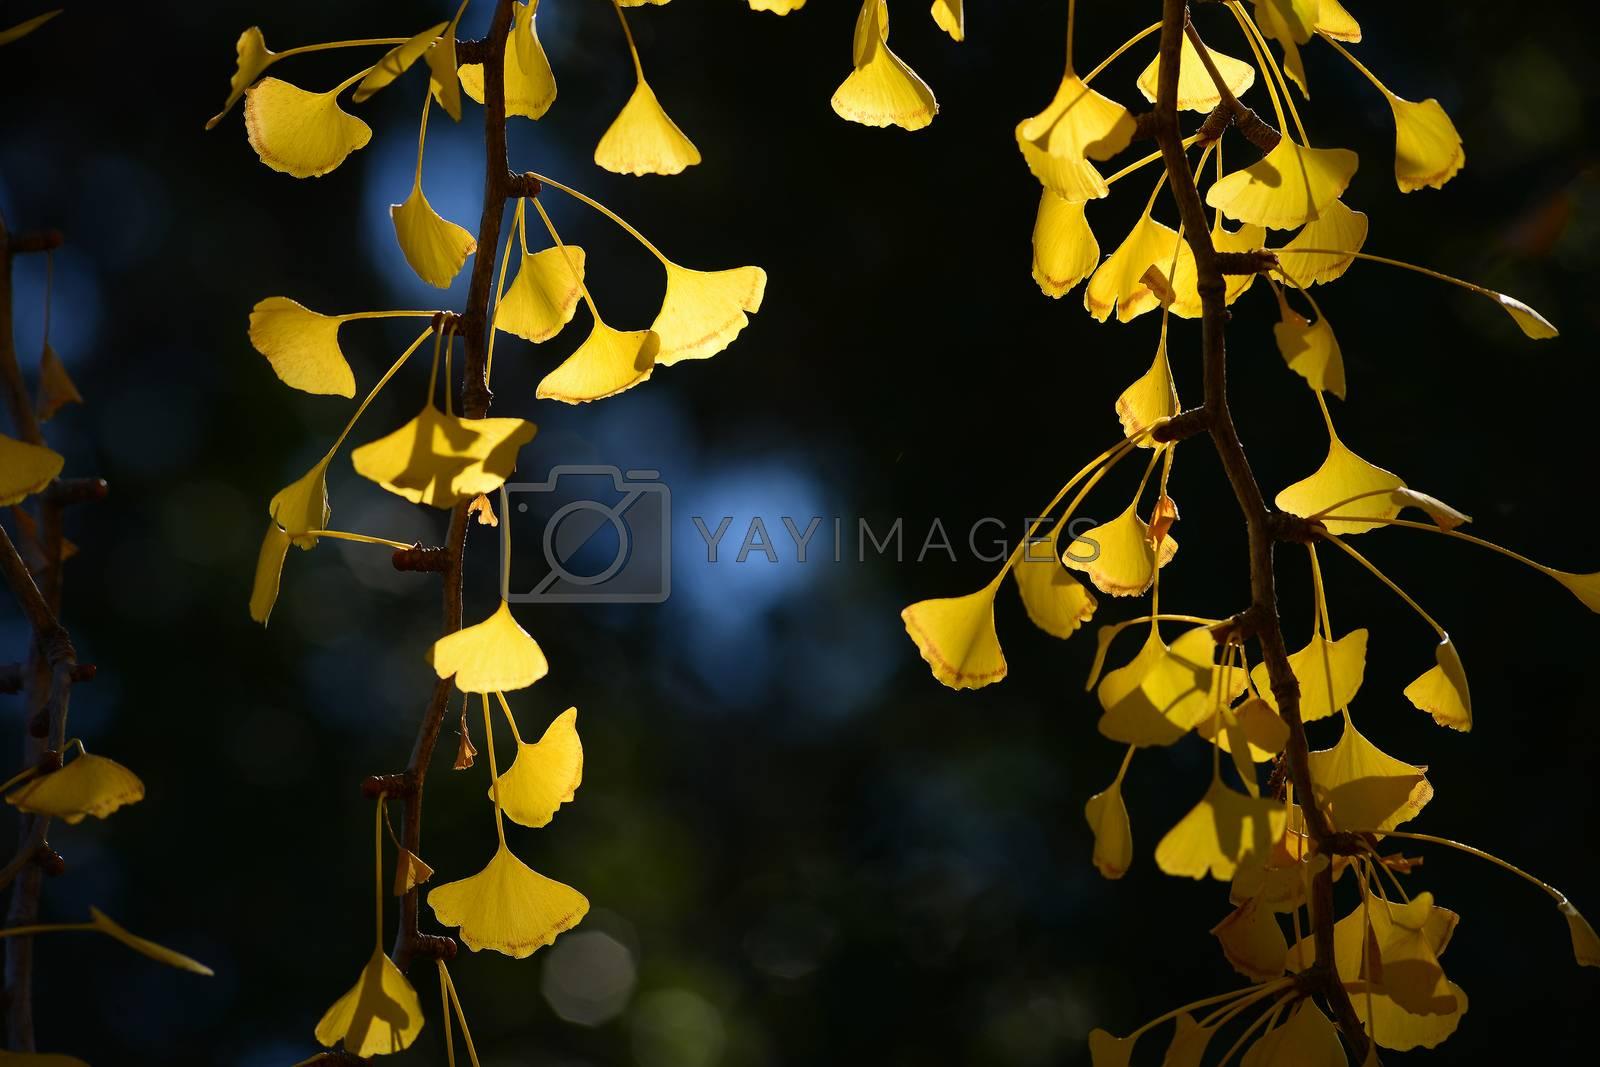 Royalty free image of ginkgo leaf by porbital